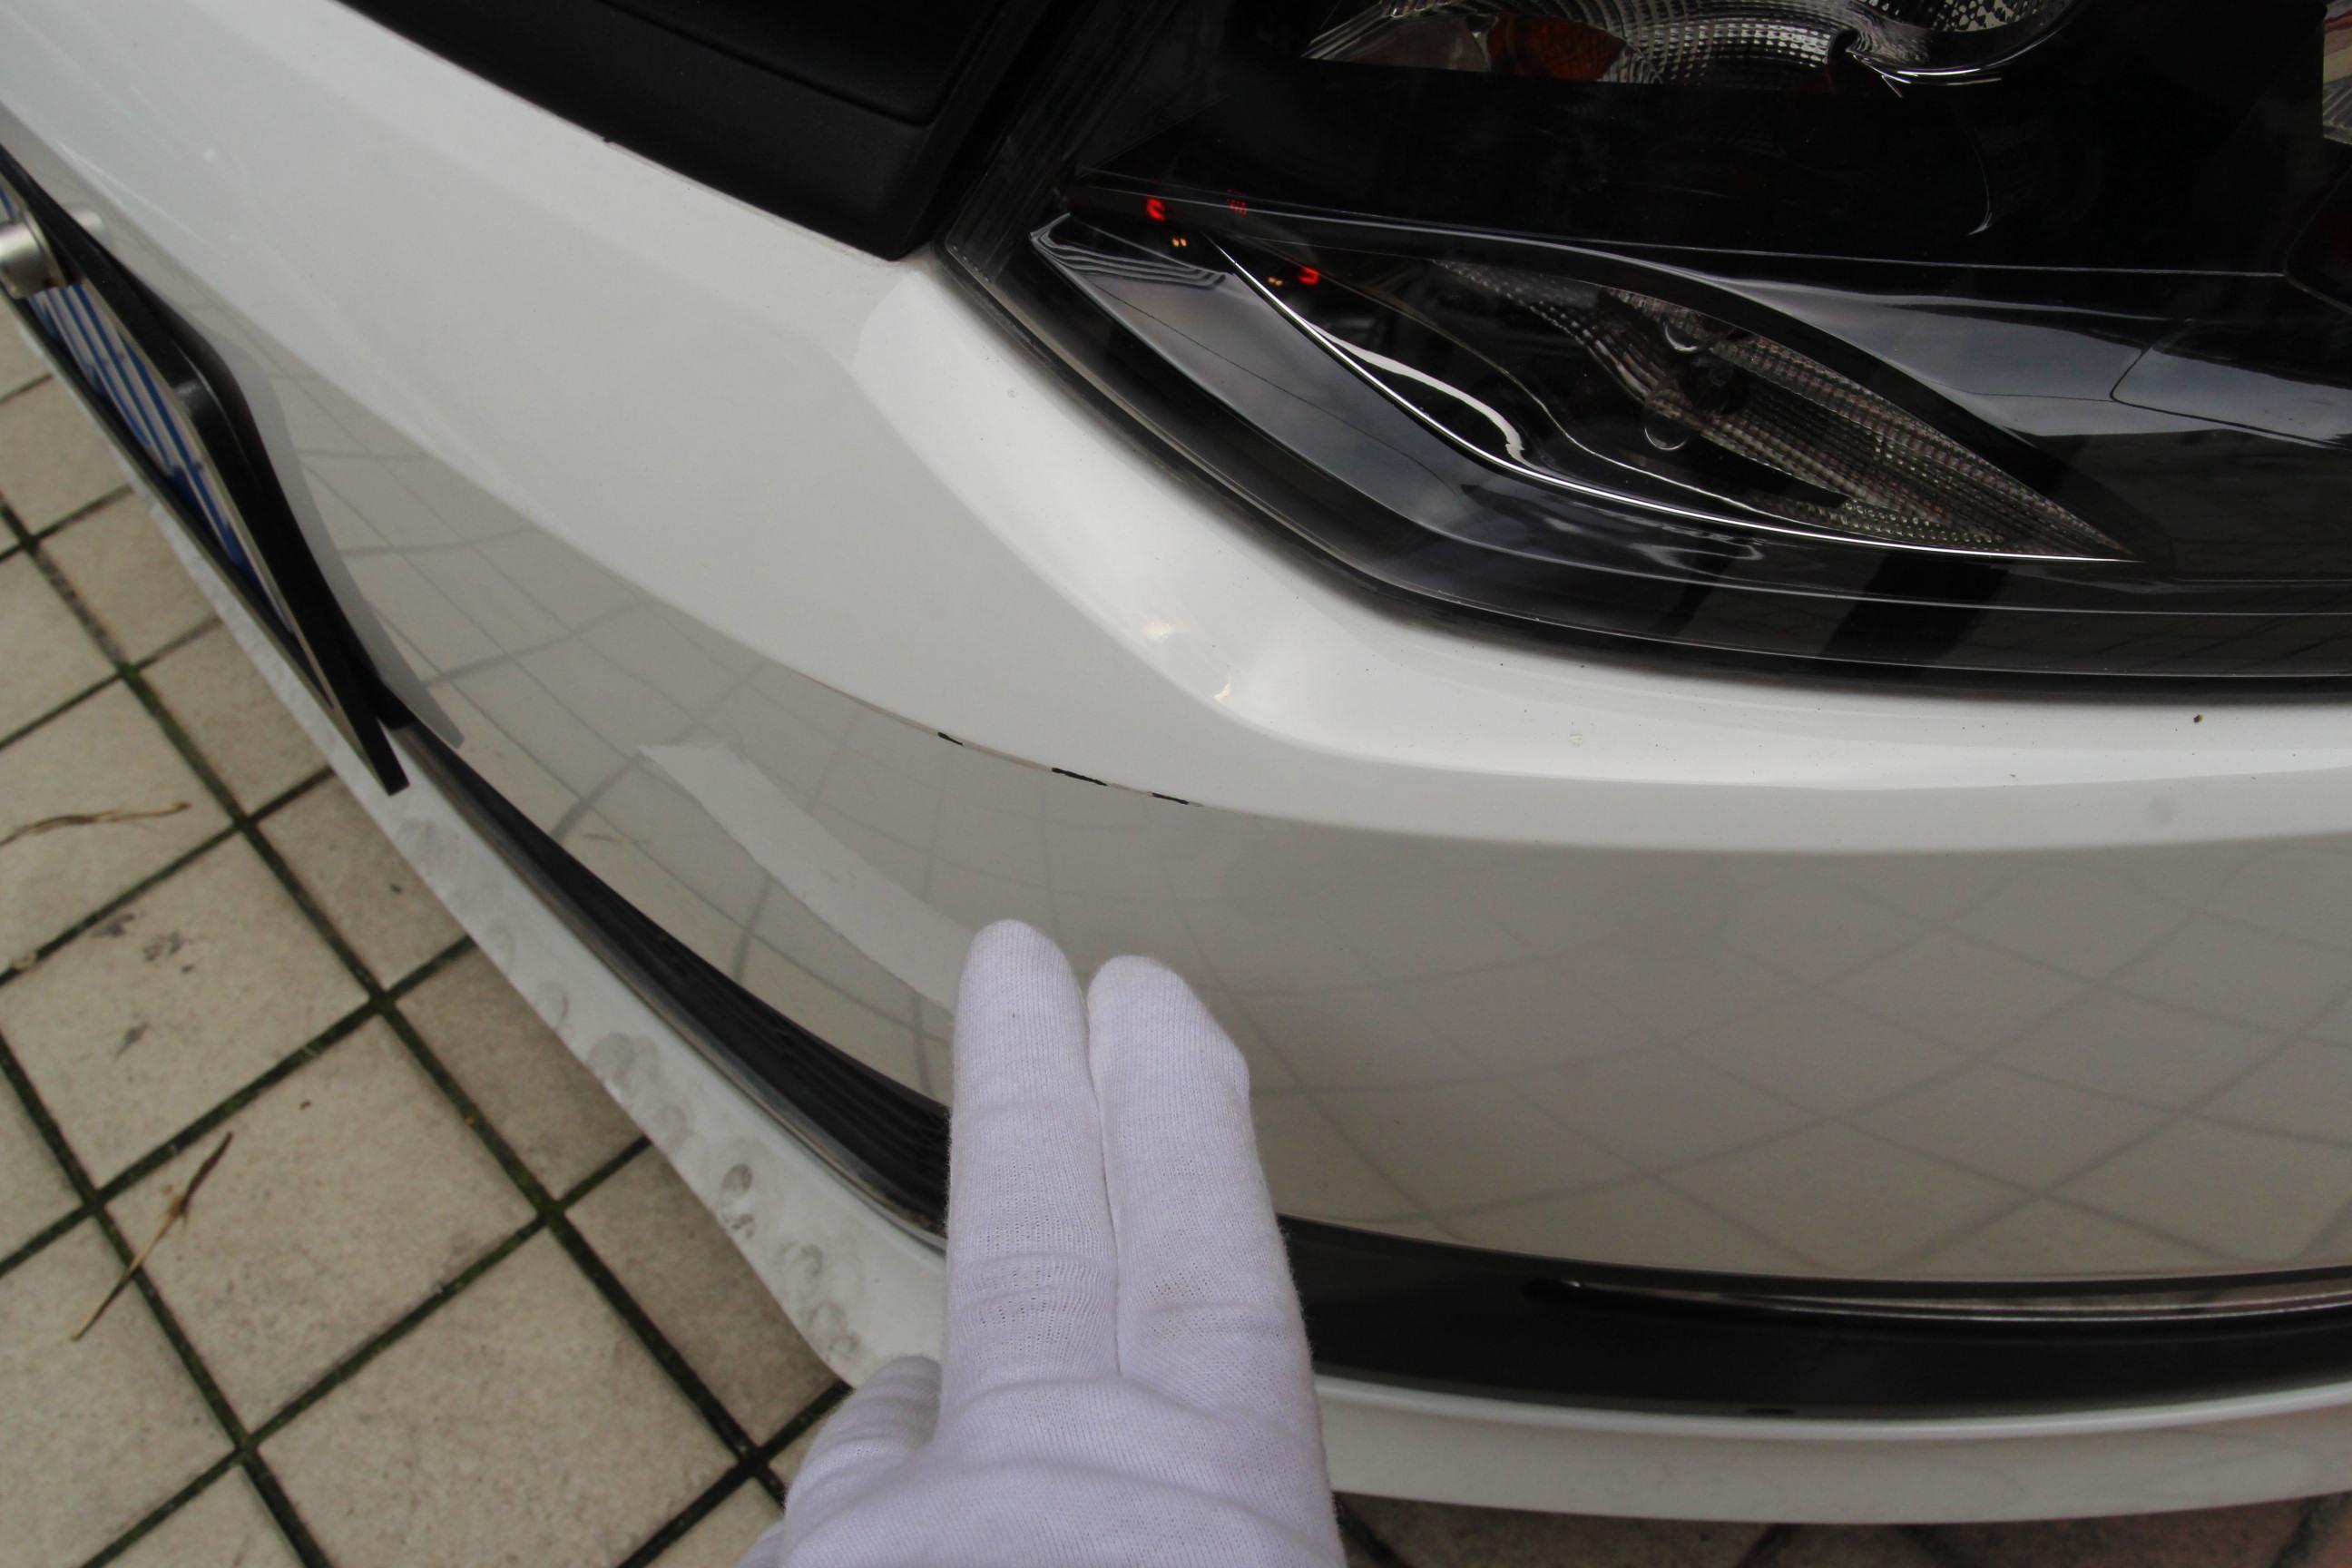 6l 自动致酷版  指示灯检测 远近光灯 前雾灯 前转向灯 前示廓灯 刹车